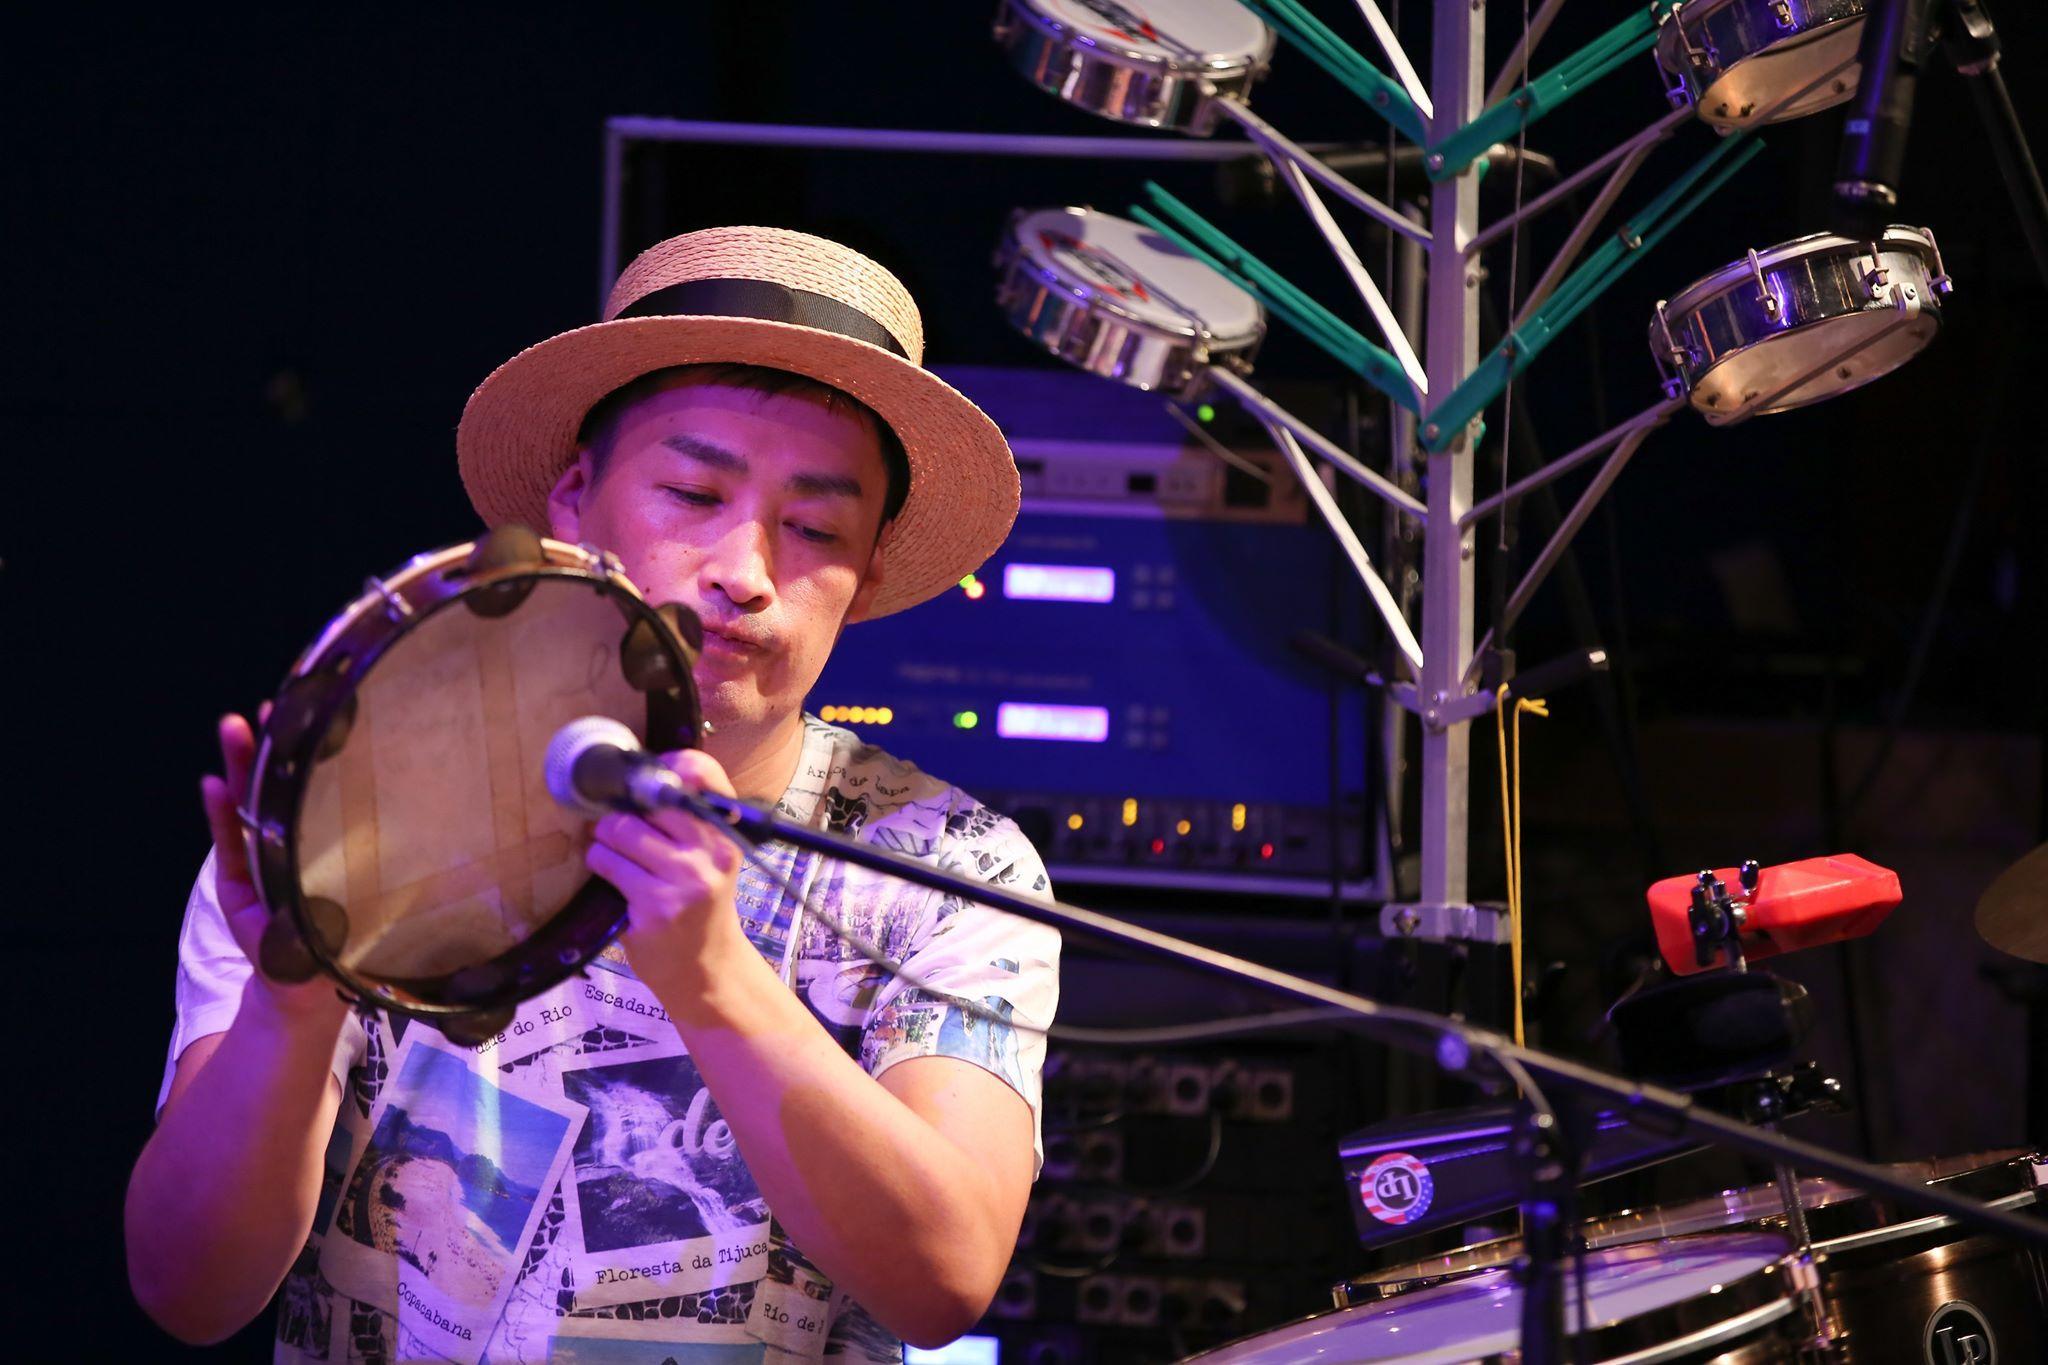 【写真©Kei Hirano】 今井亮太郎くんとのLIVE at 渋谷セルリアンタワーJZ Brat_b0032617_01514262.jpg